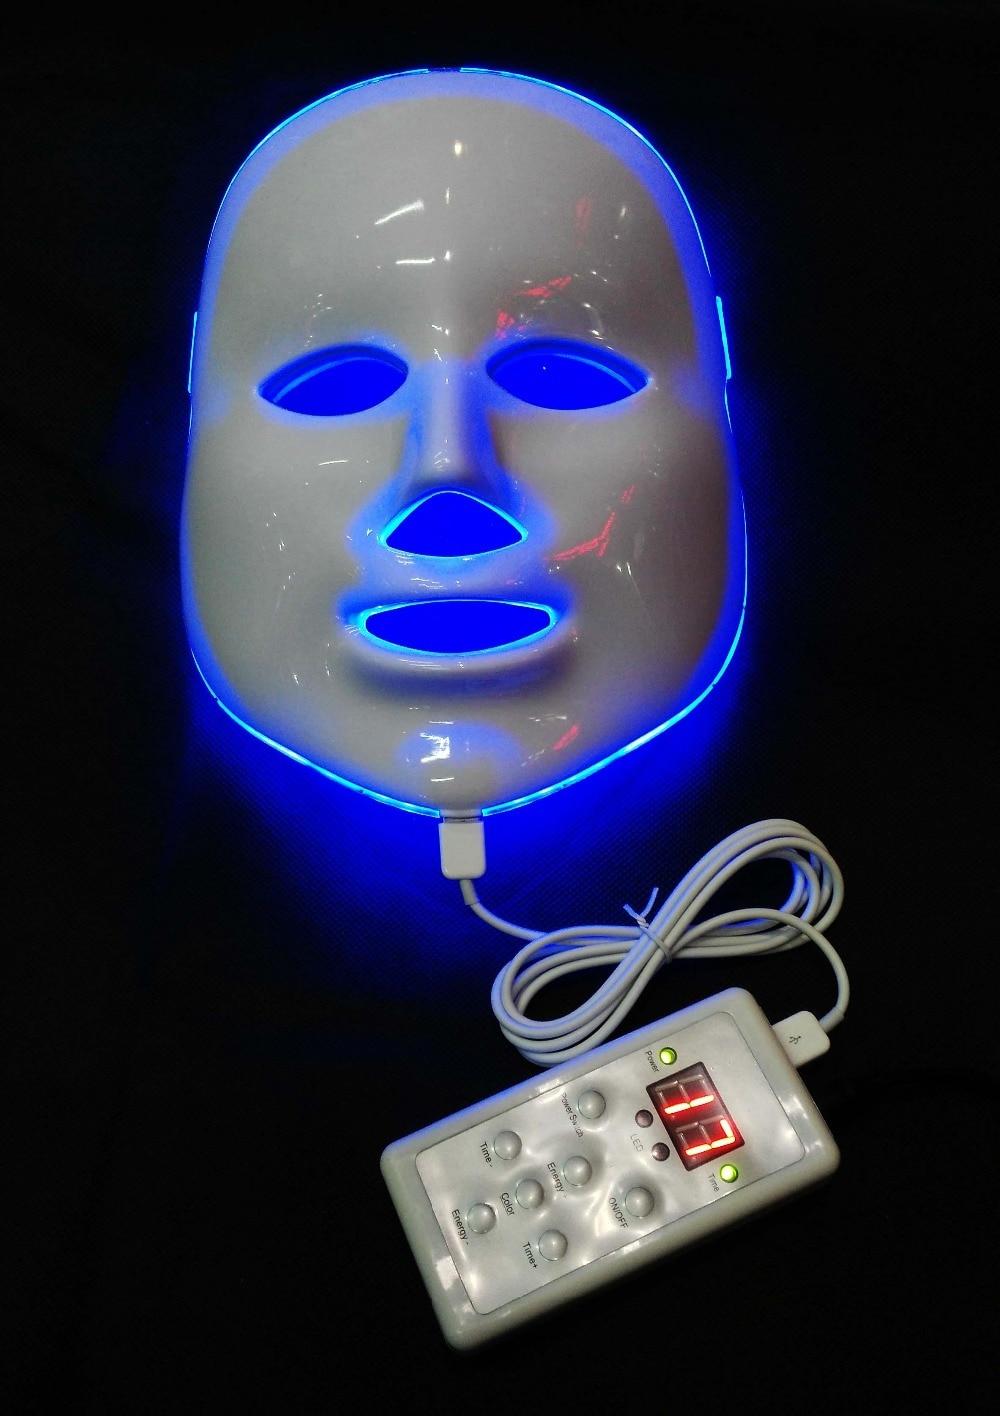 Фотон Вел Электрический маска для лица Skin pdt омоложения кожи Красота терапия 7 Цвета свет Красота салон Anti-Aging морщин удаление